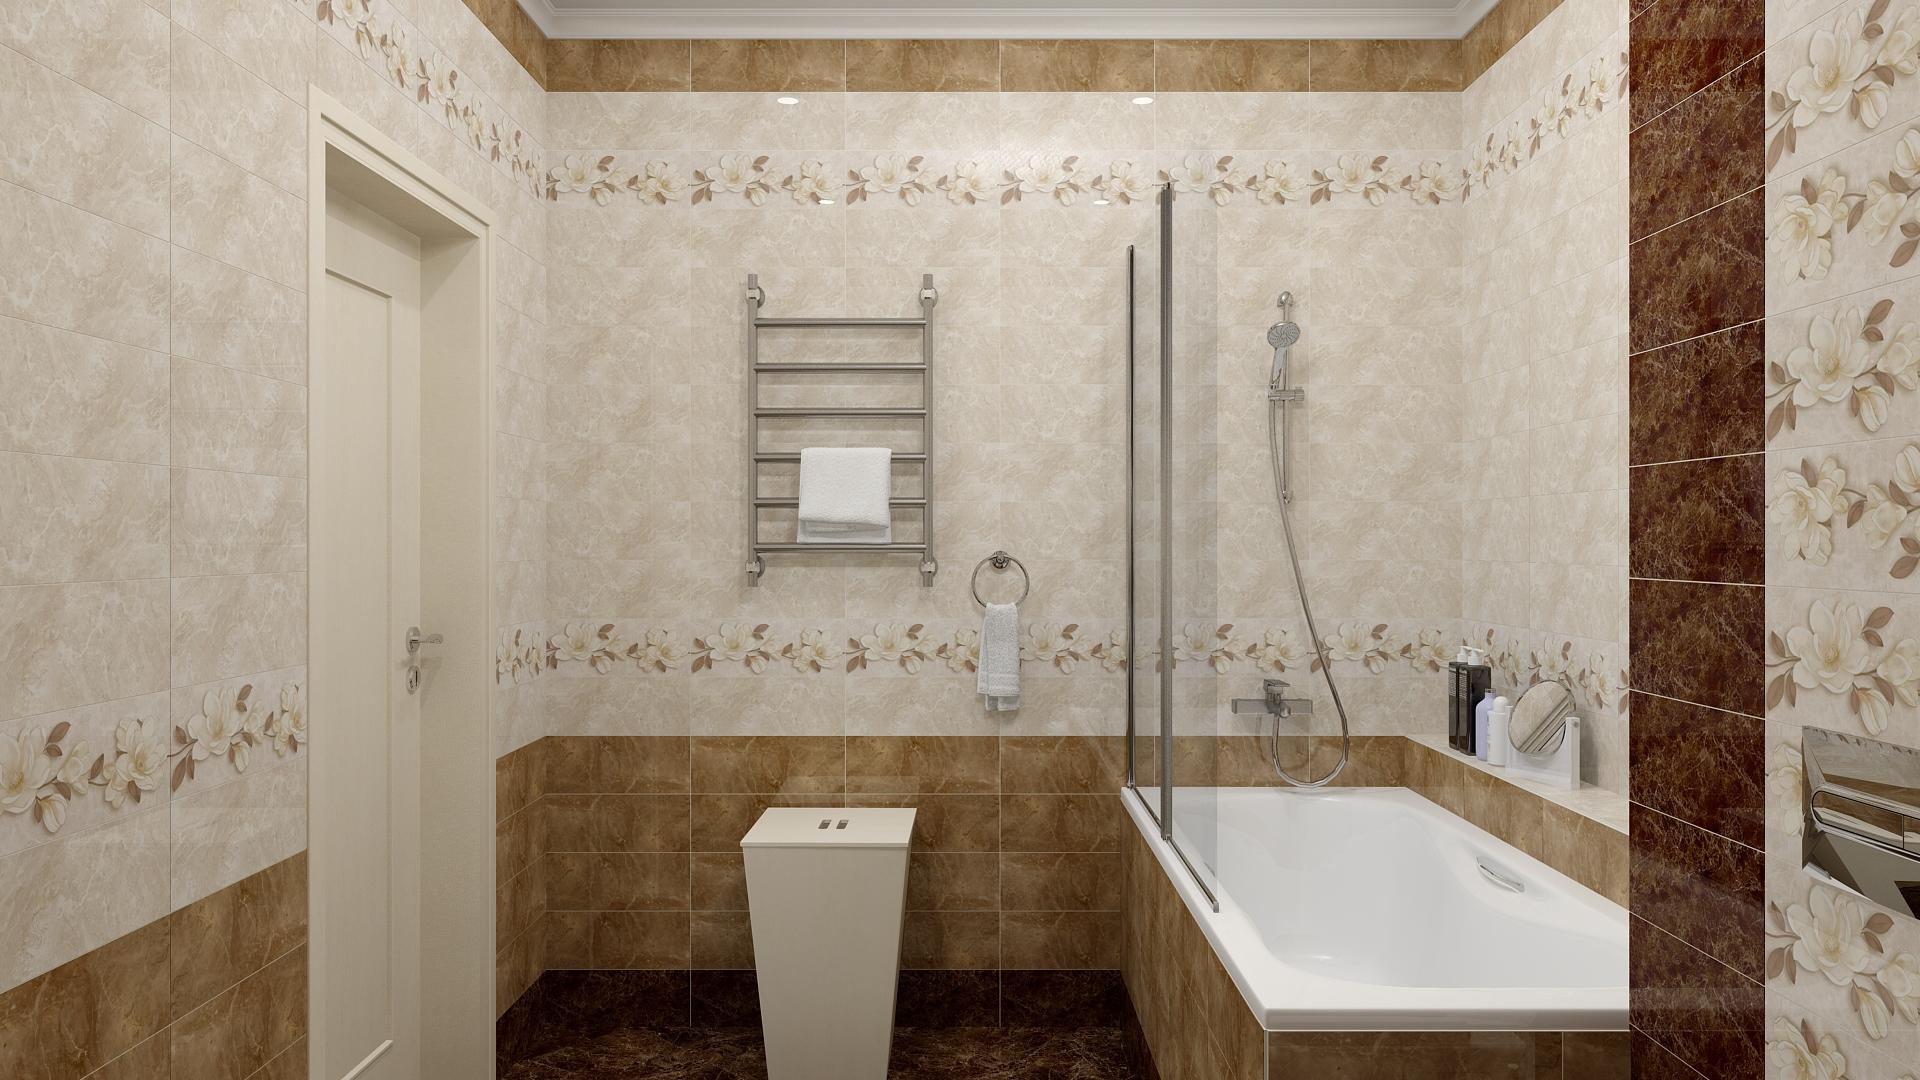 Плитка Лозанна уралкерамика в интерьере фото